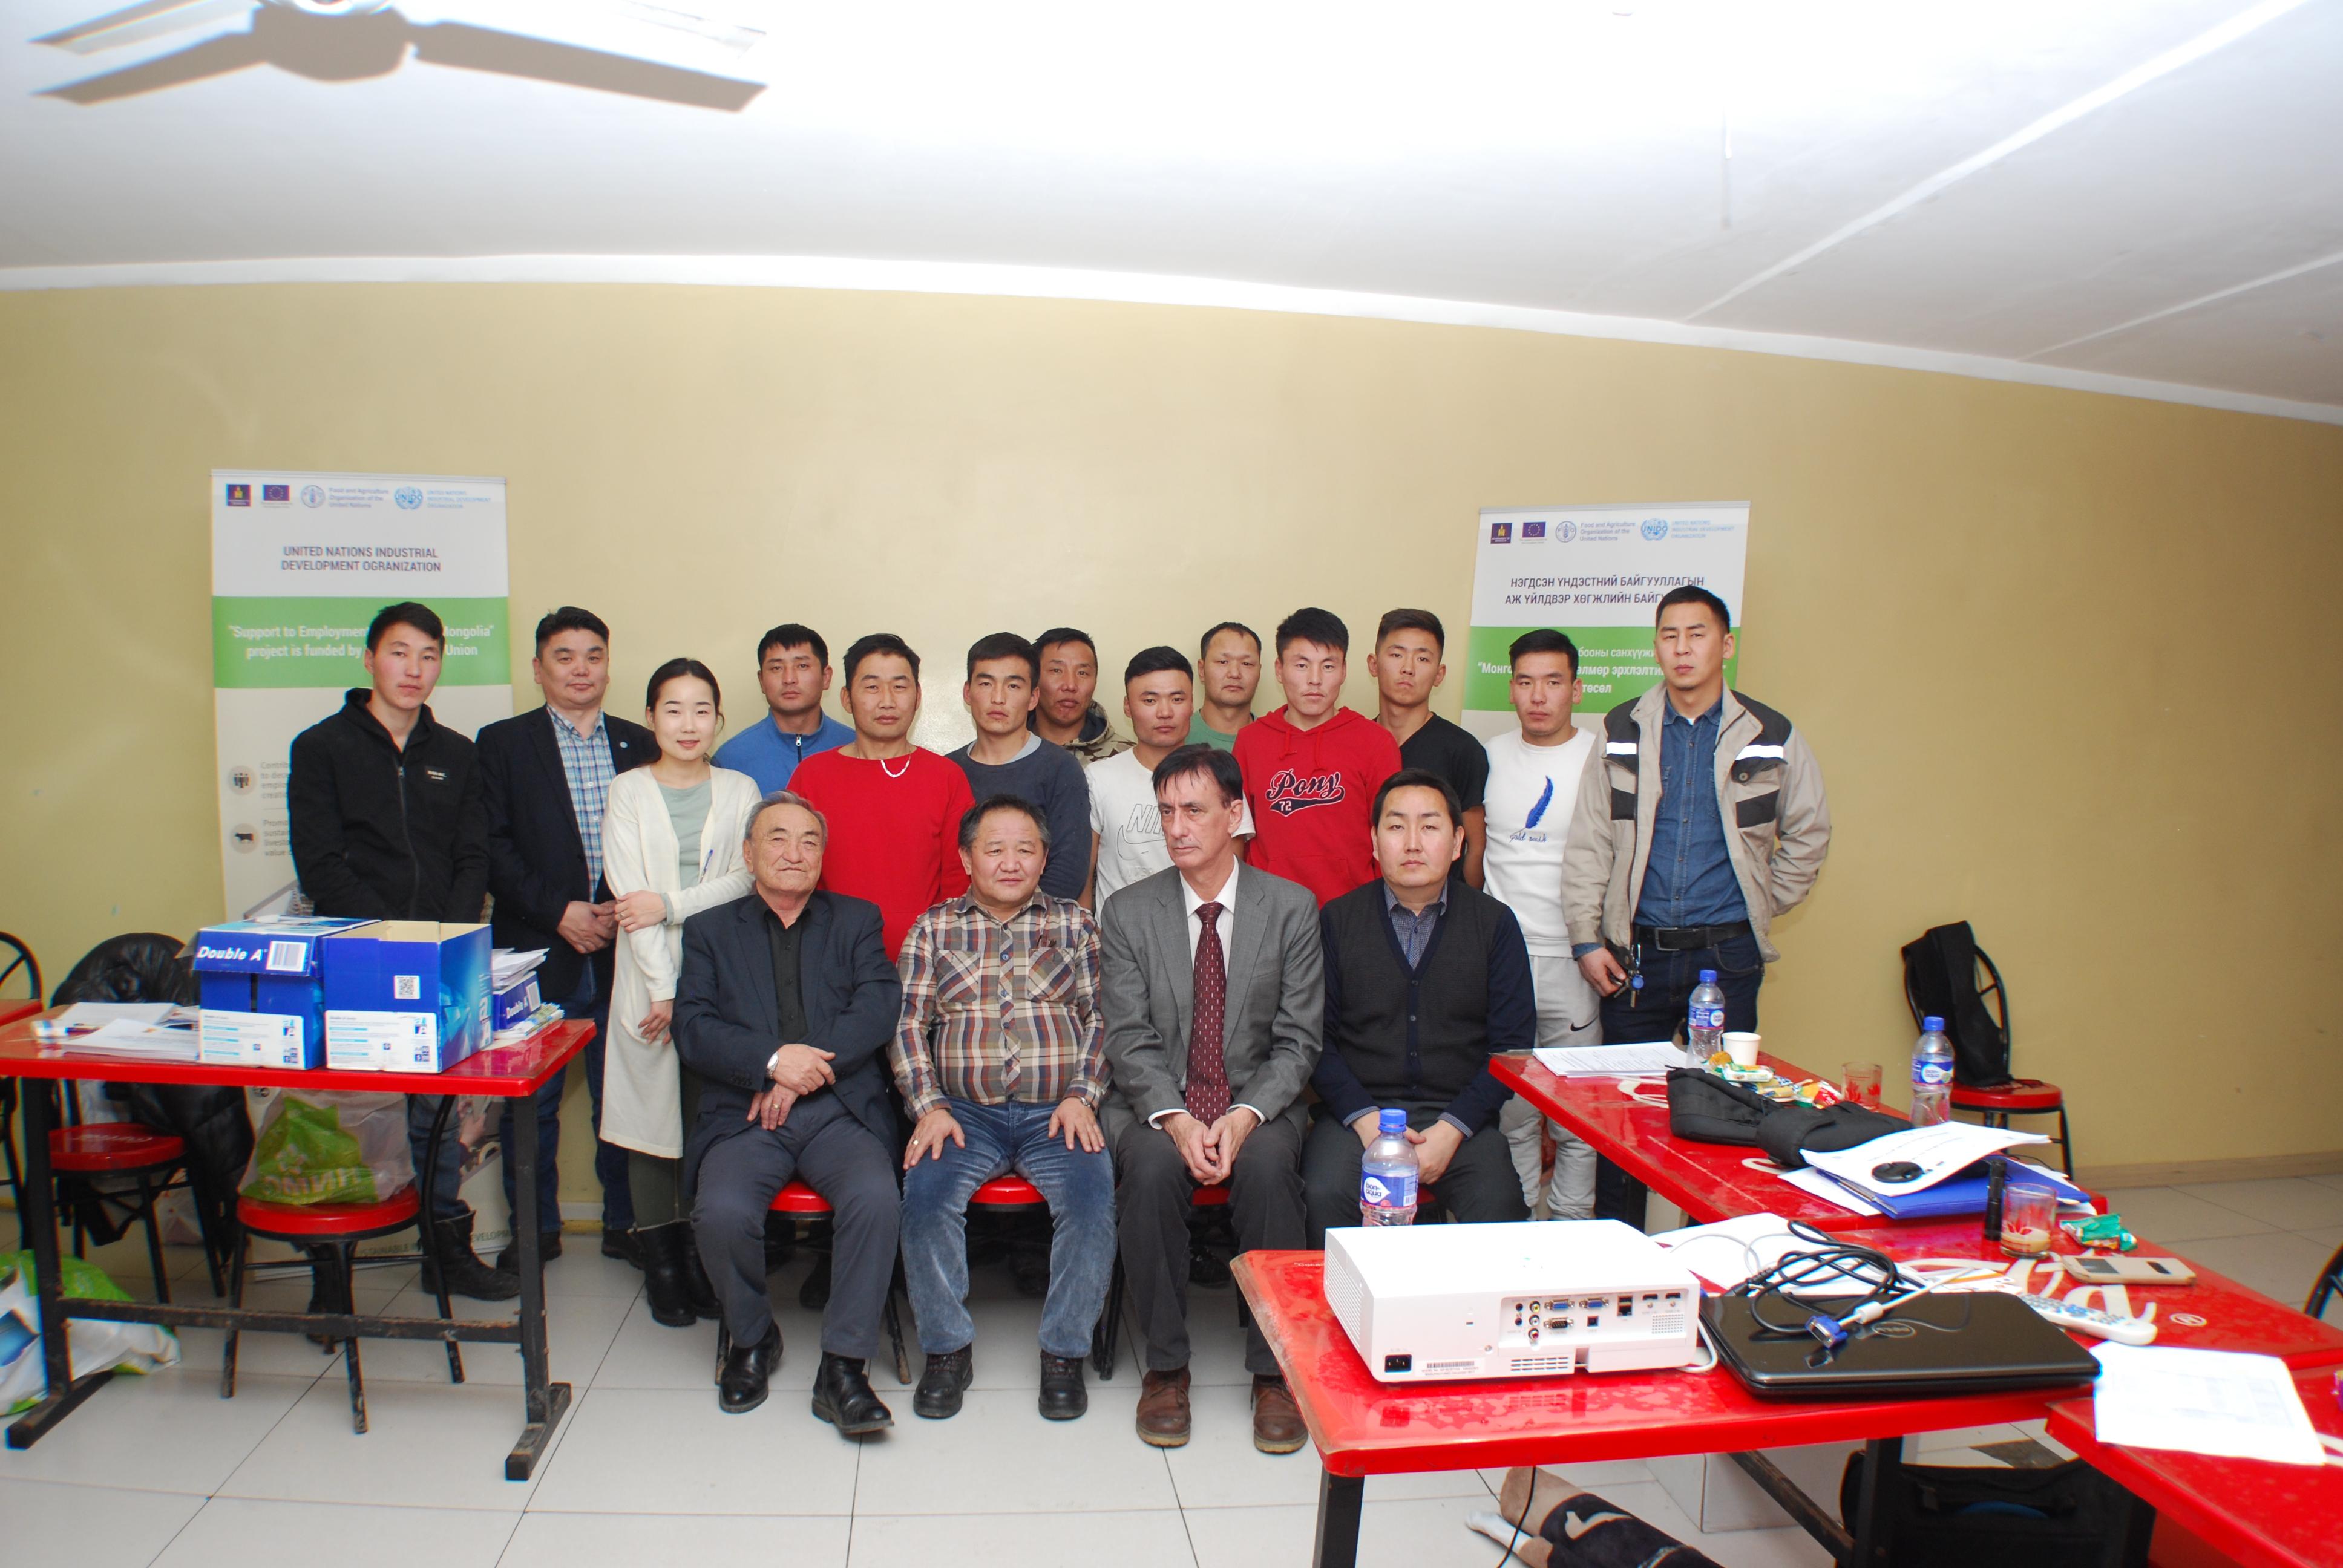 МАШҮХолбоо НҮБ-ийн Аж Үйлдвэрийн хөгжлийн байгууллгатай хамтран SECIM2 төслийн хүрээнд Дархан Уул аймагт сургалт зохион байгууллаа